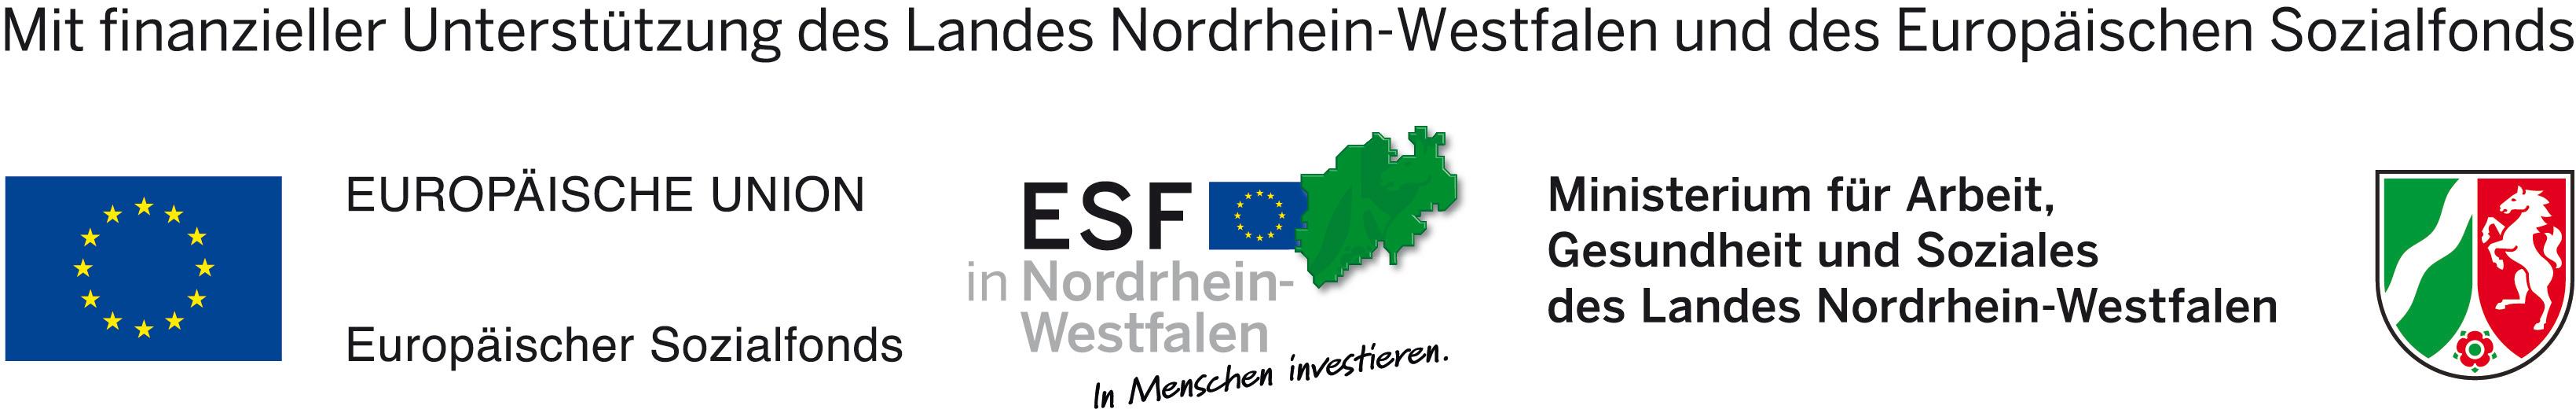 Ausbildungsprogramm NRW_Logos